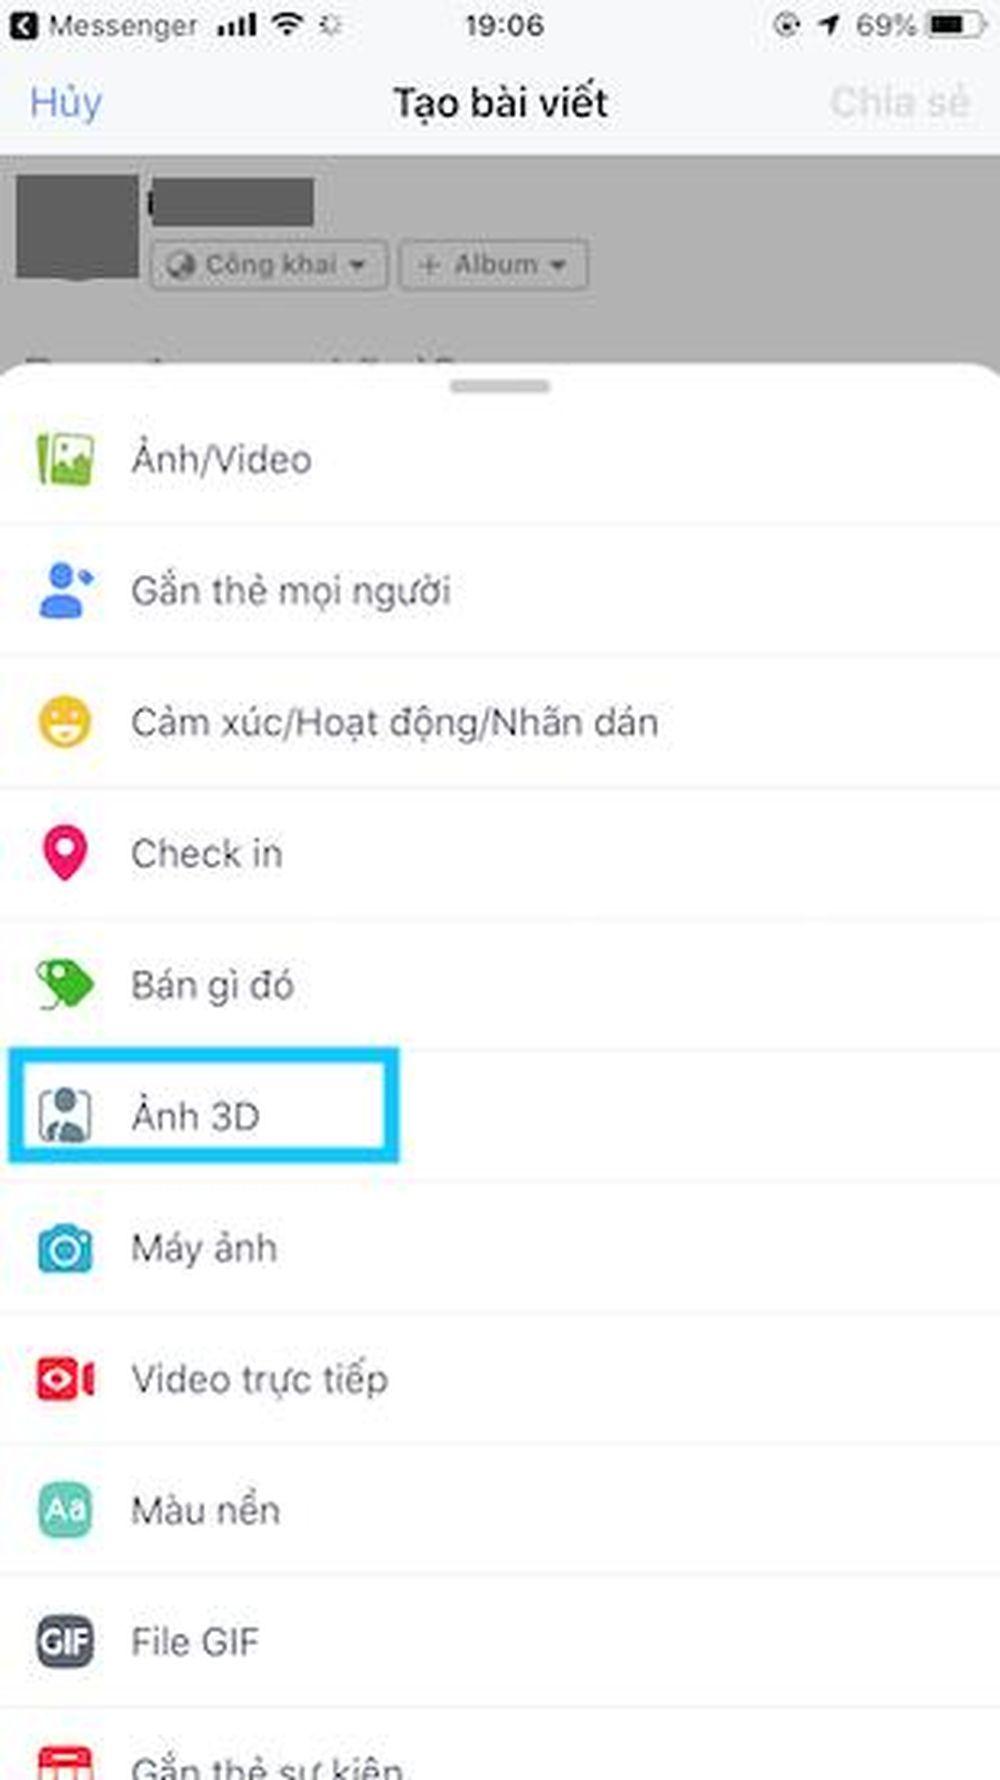 Người dùng có thể đăng ảnh 3D lên Facebook như một bức ảnh bình thường.